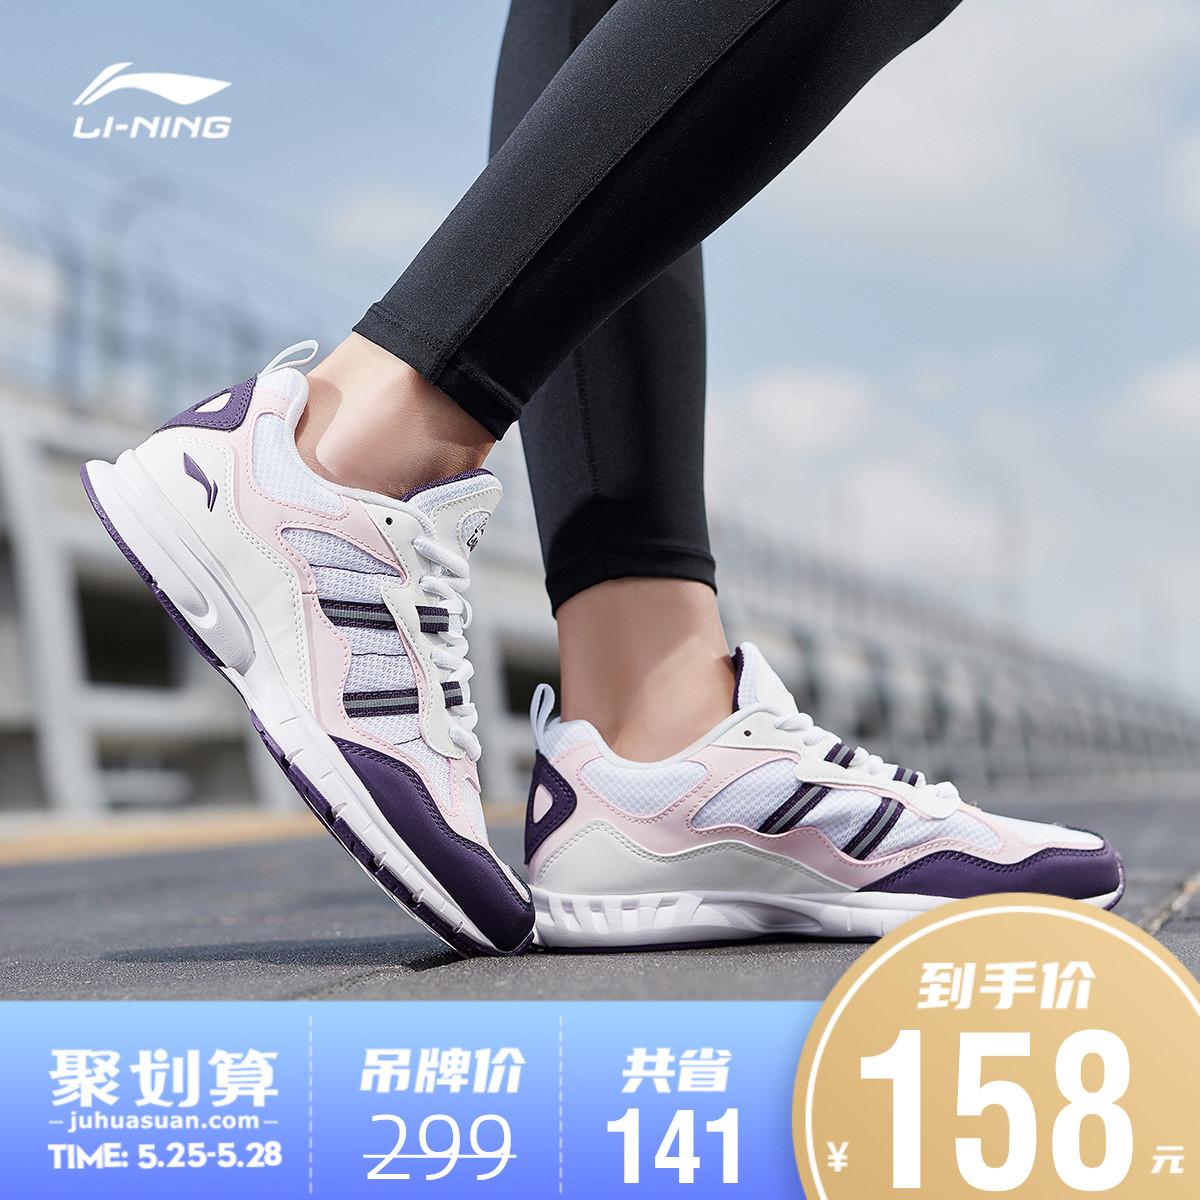 李宁跑步鞋女鞋官方正品新款复古休闲透气春季减震软底女士运动鞋图片